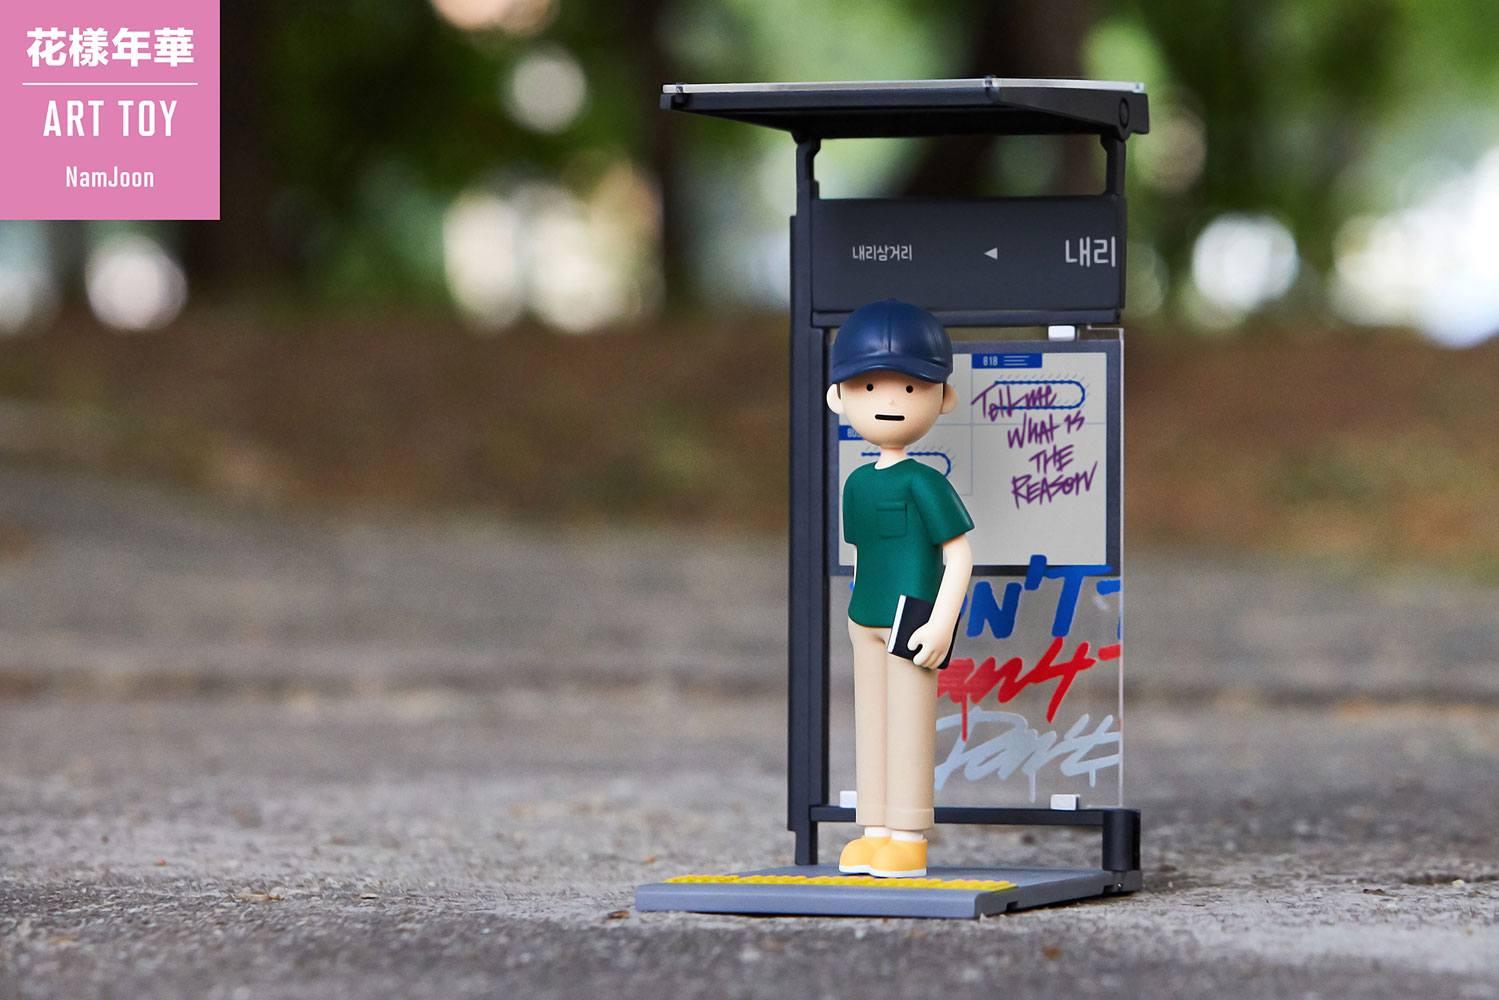 Photo du produit BTS STATUETTE PVC ART TOY RM (KIM NAMJOON) 15 CM